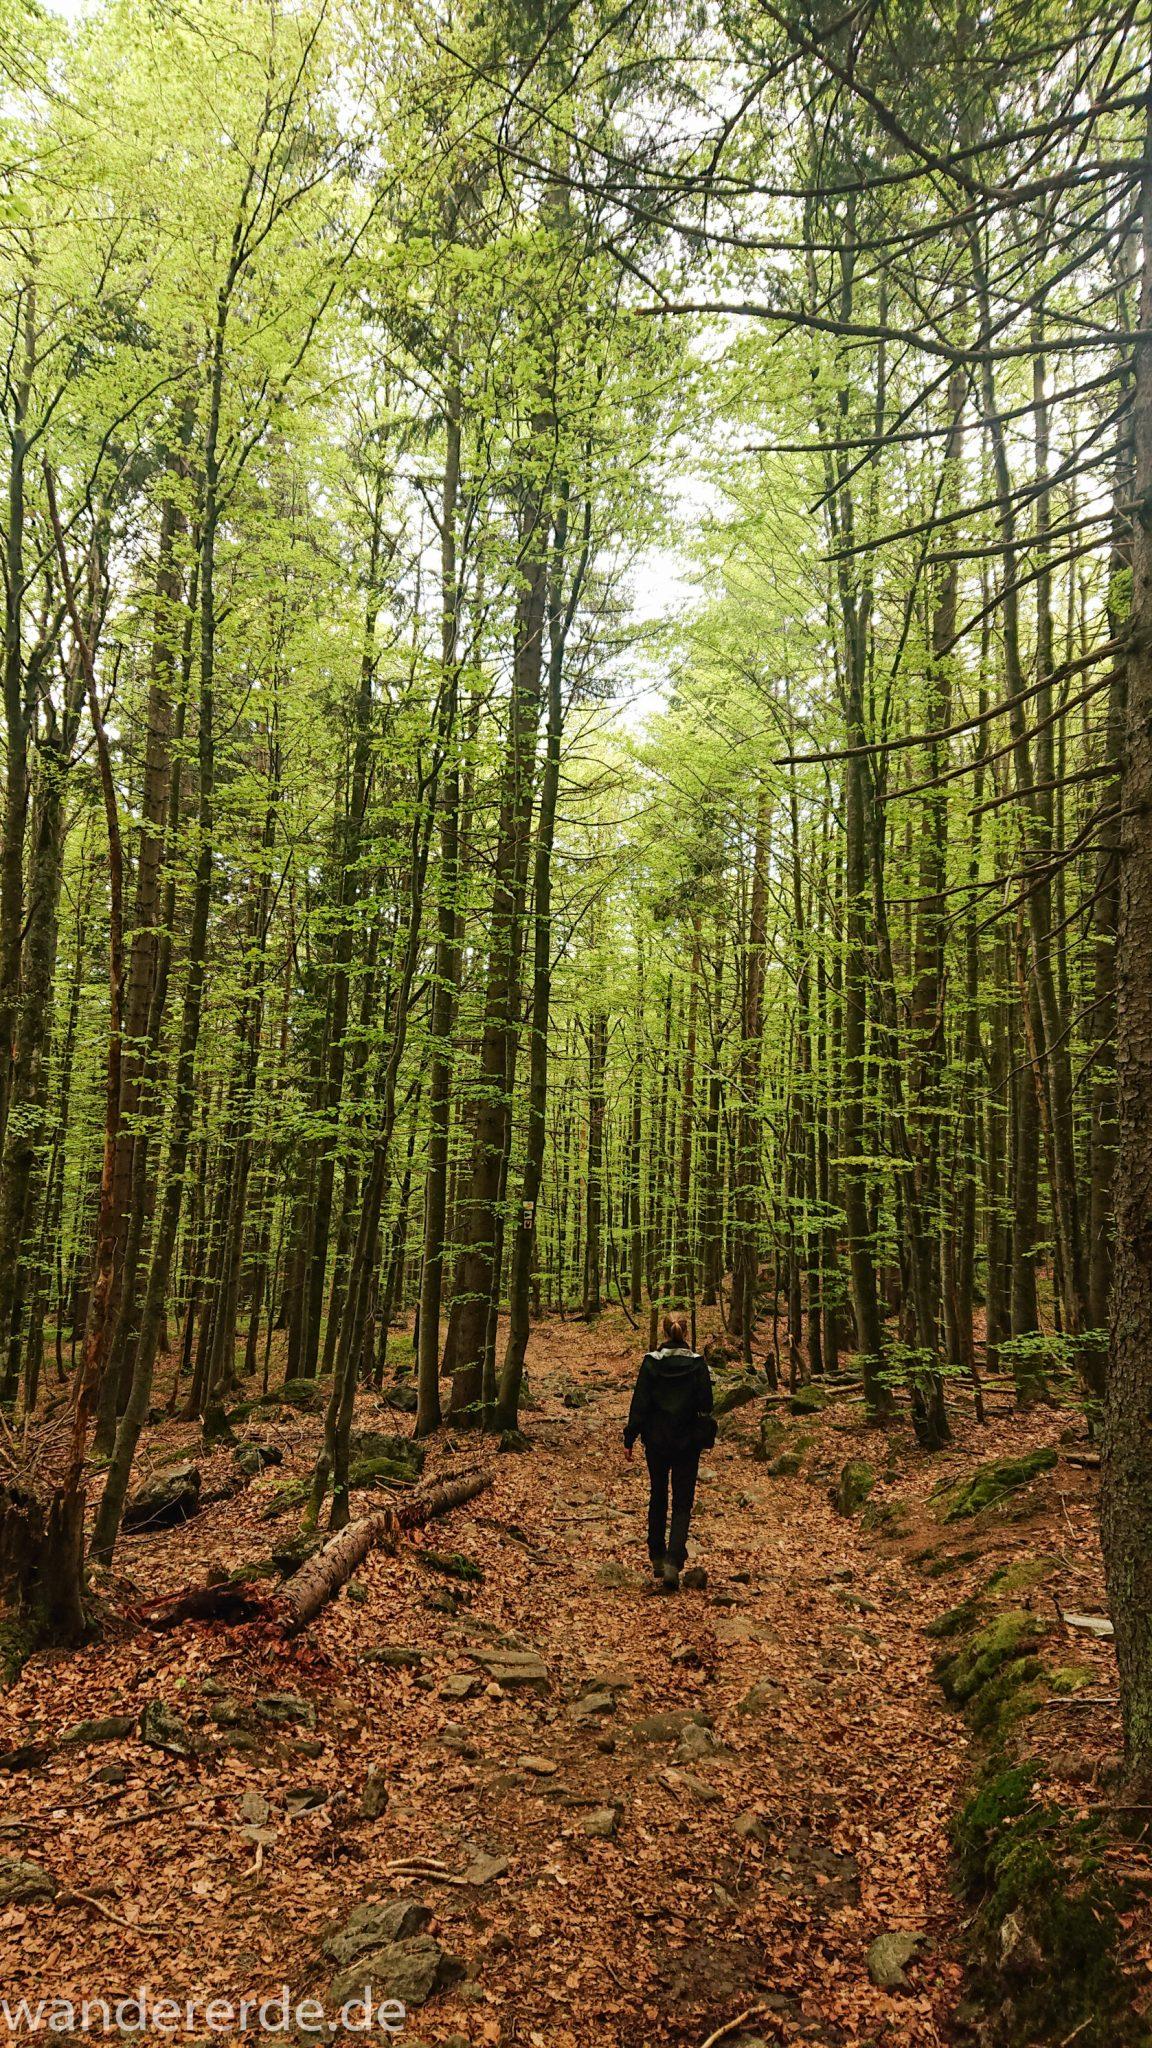 Wanderung Großer Rachel im Nationalpark Bayerischer Wald, Start Parkplatz Oberfrauenau, Wanderer auf abwechslungsreichem Wanderweg, auf tollem Pfad über Stock und Stein, schöner dichter Wald, Laubbaum, Nadelbaum